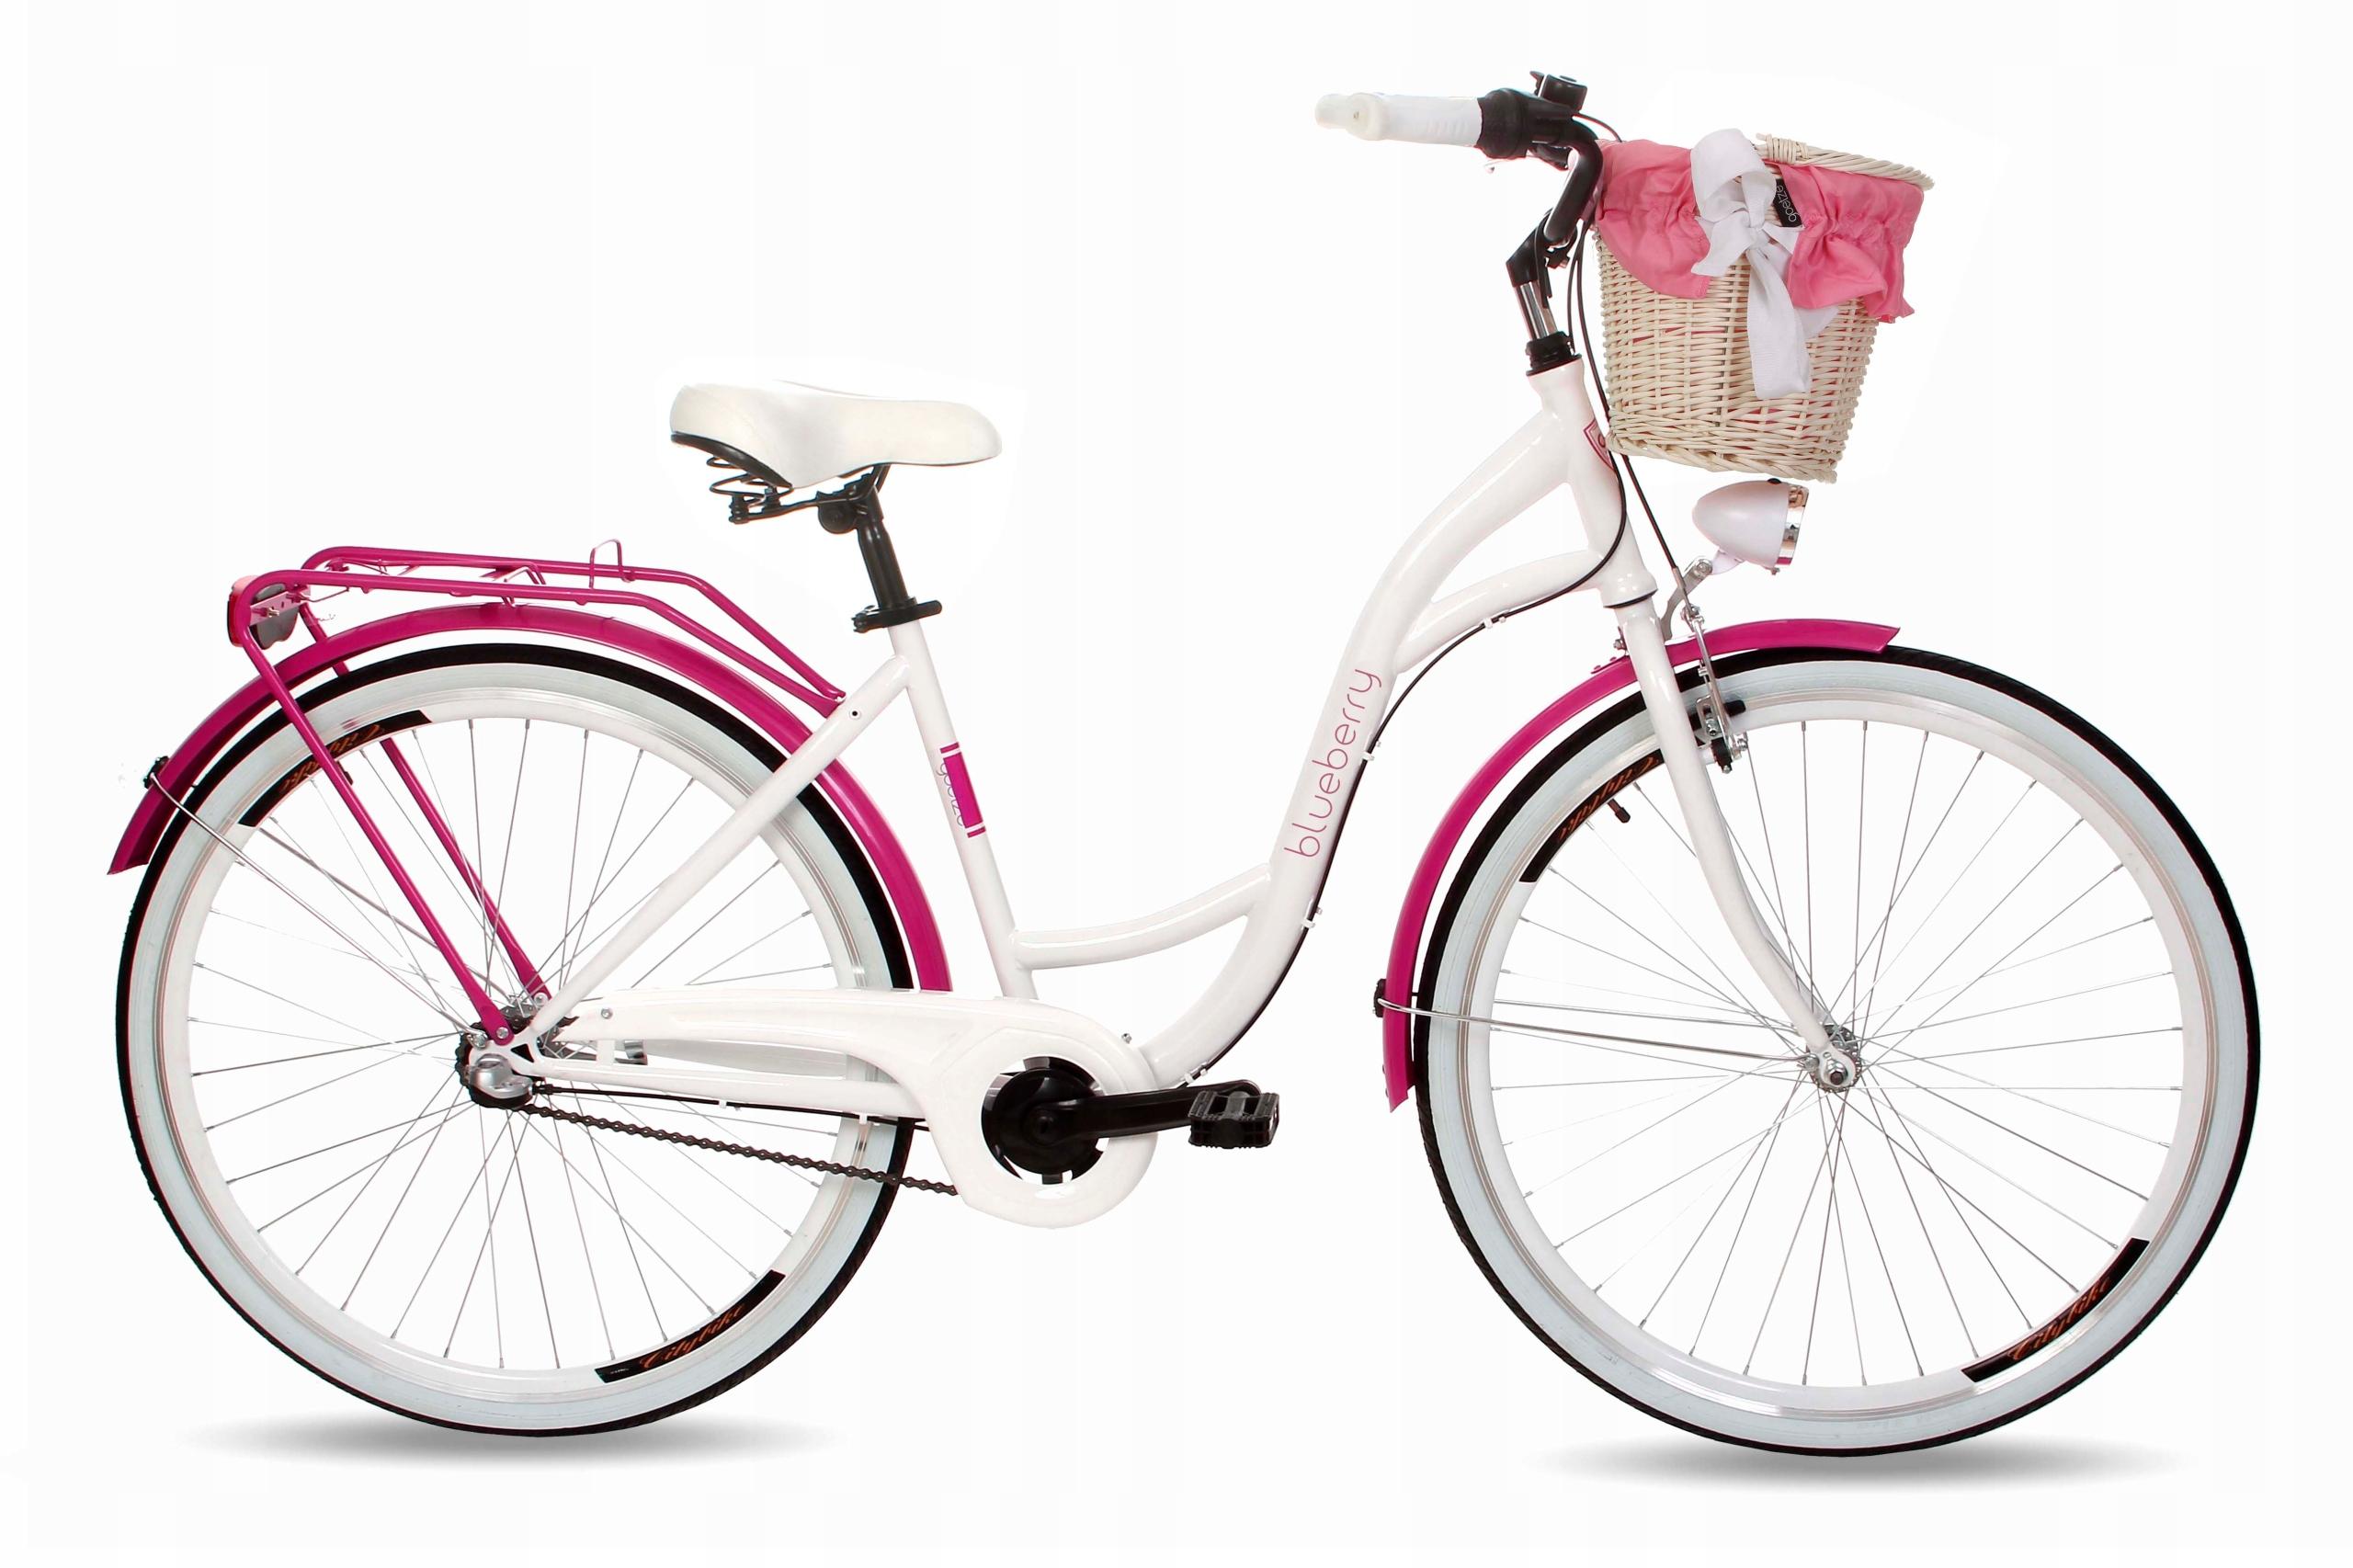 Dámsky mestský bicykel Goetze BLUEBERRY 28 3b košík!  Veľkosť rámu 18 palcov